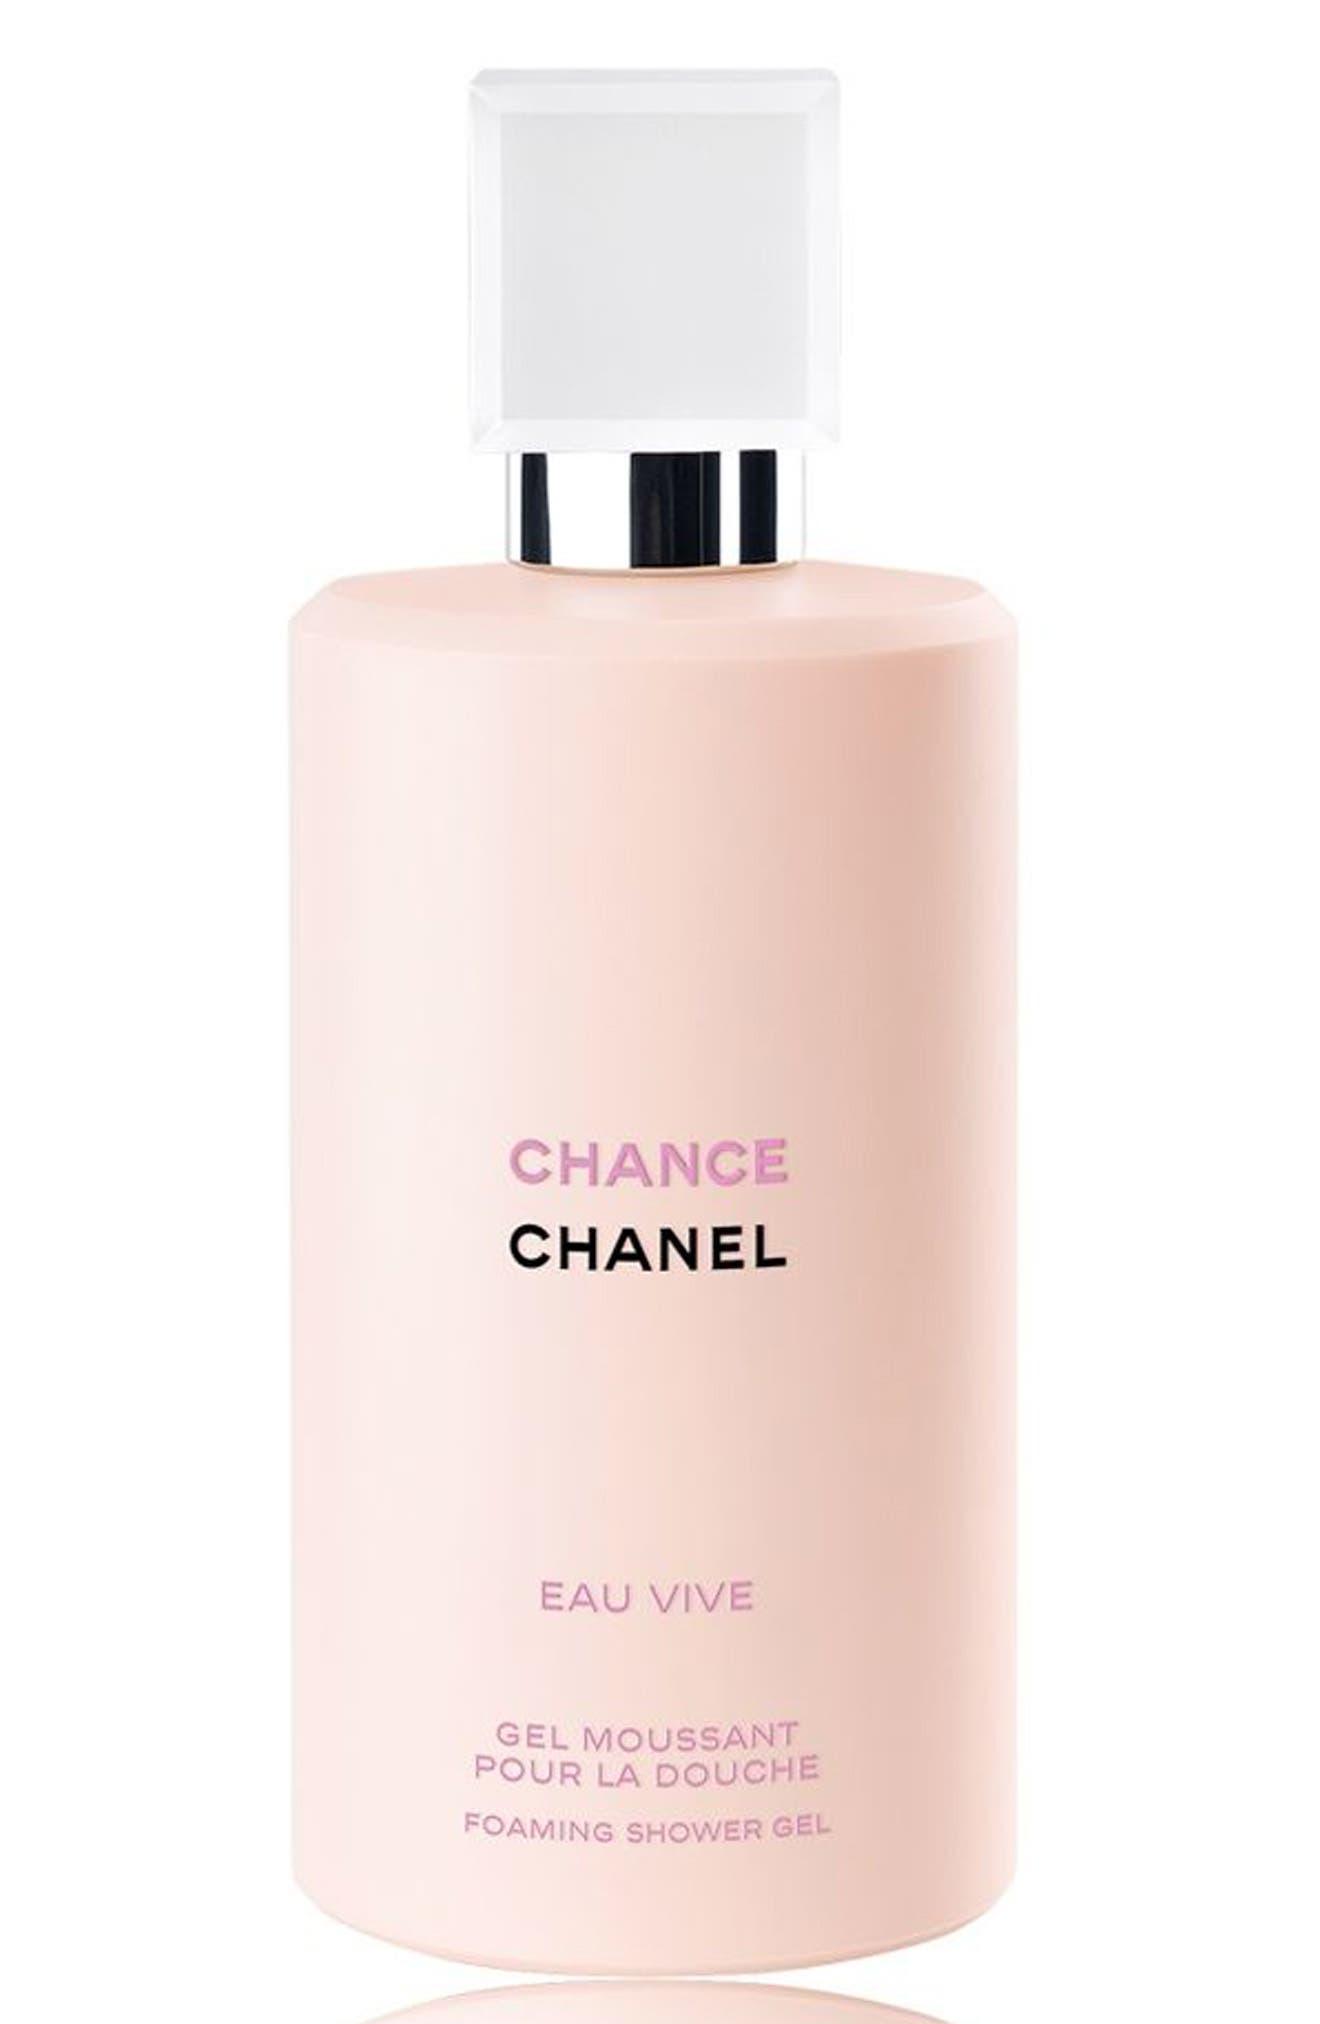 CHANCE EAU VIVE Foaming Shower Gel,                         Main,                         color, NO COLOR